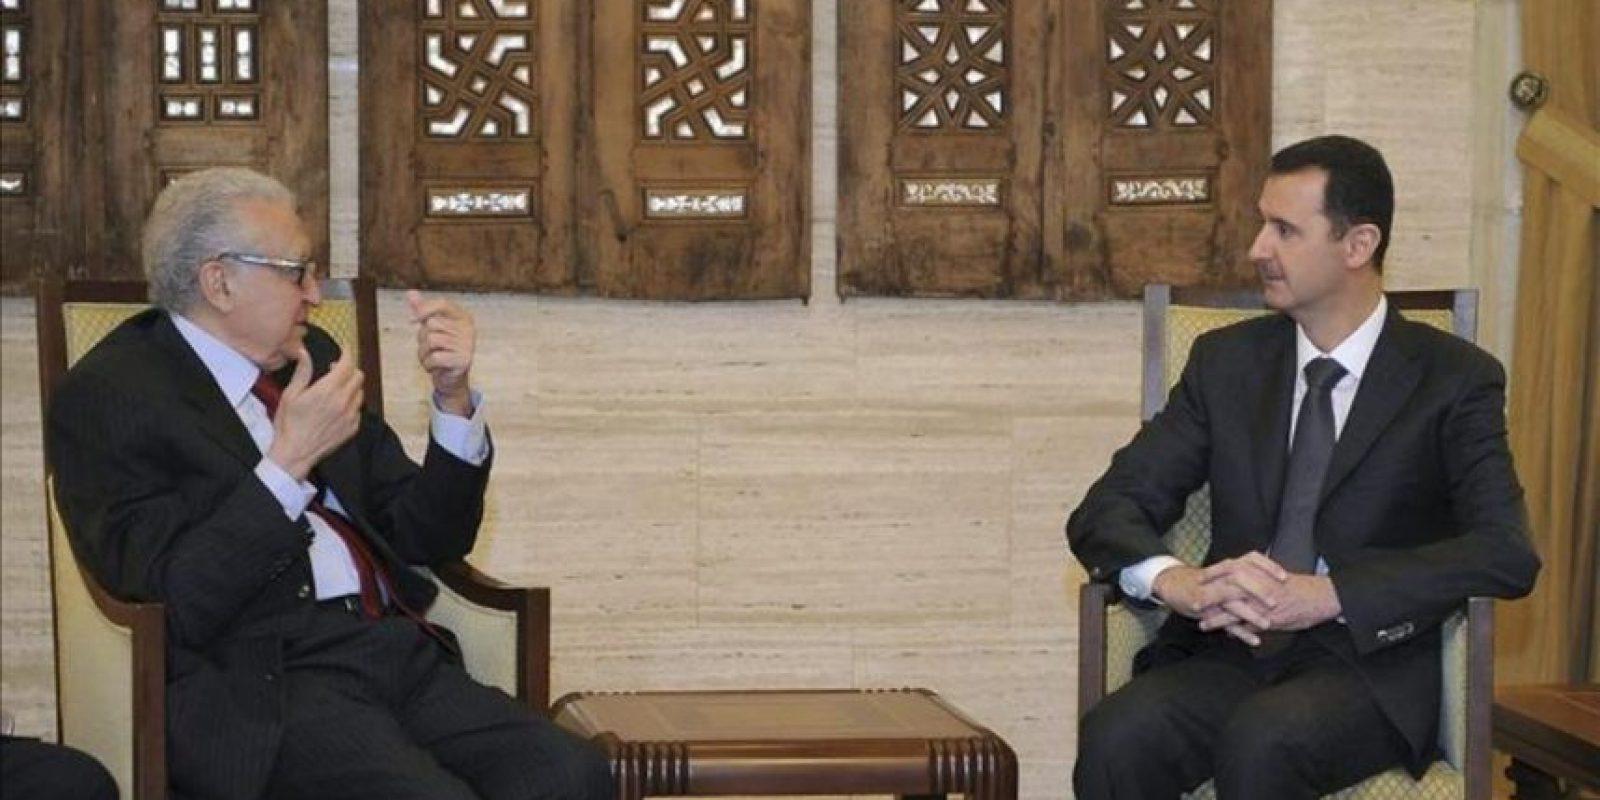 Fotografía distribuida por la agencia estatal siria Sana que muestra al enviado especial de las Naciones Unidas a Siria, Lakhdar Brahimi (i), y al presidente sirio, Bachar al Asad, durante la reunión que celebraron en Damasco. EFE